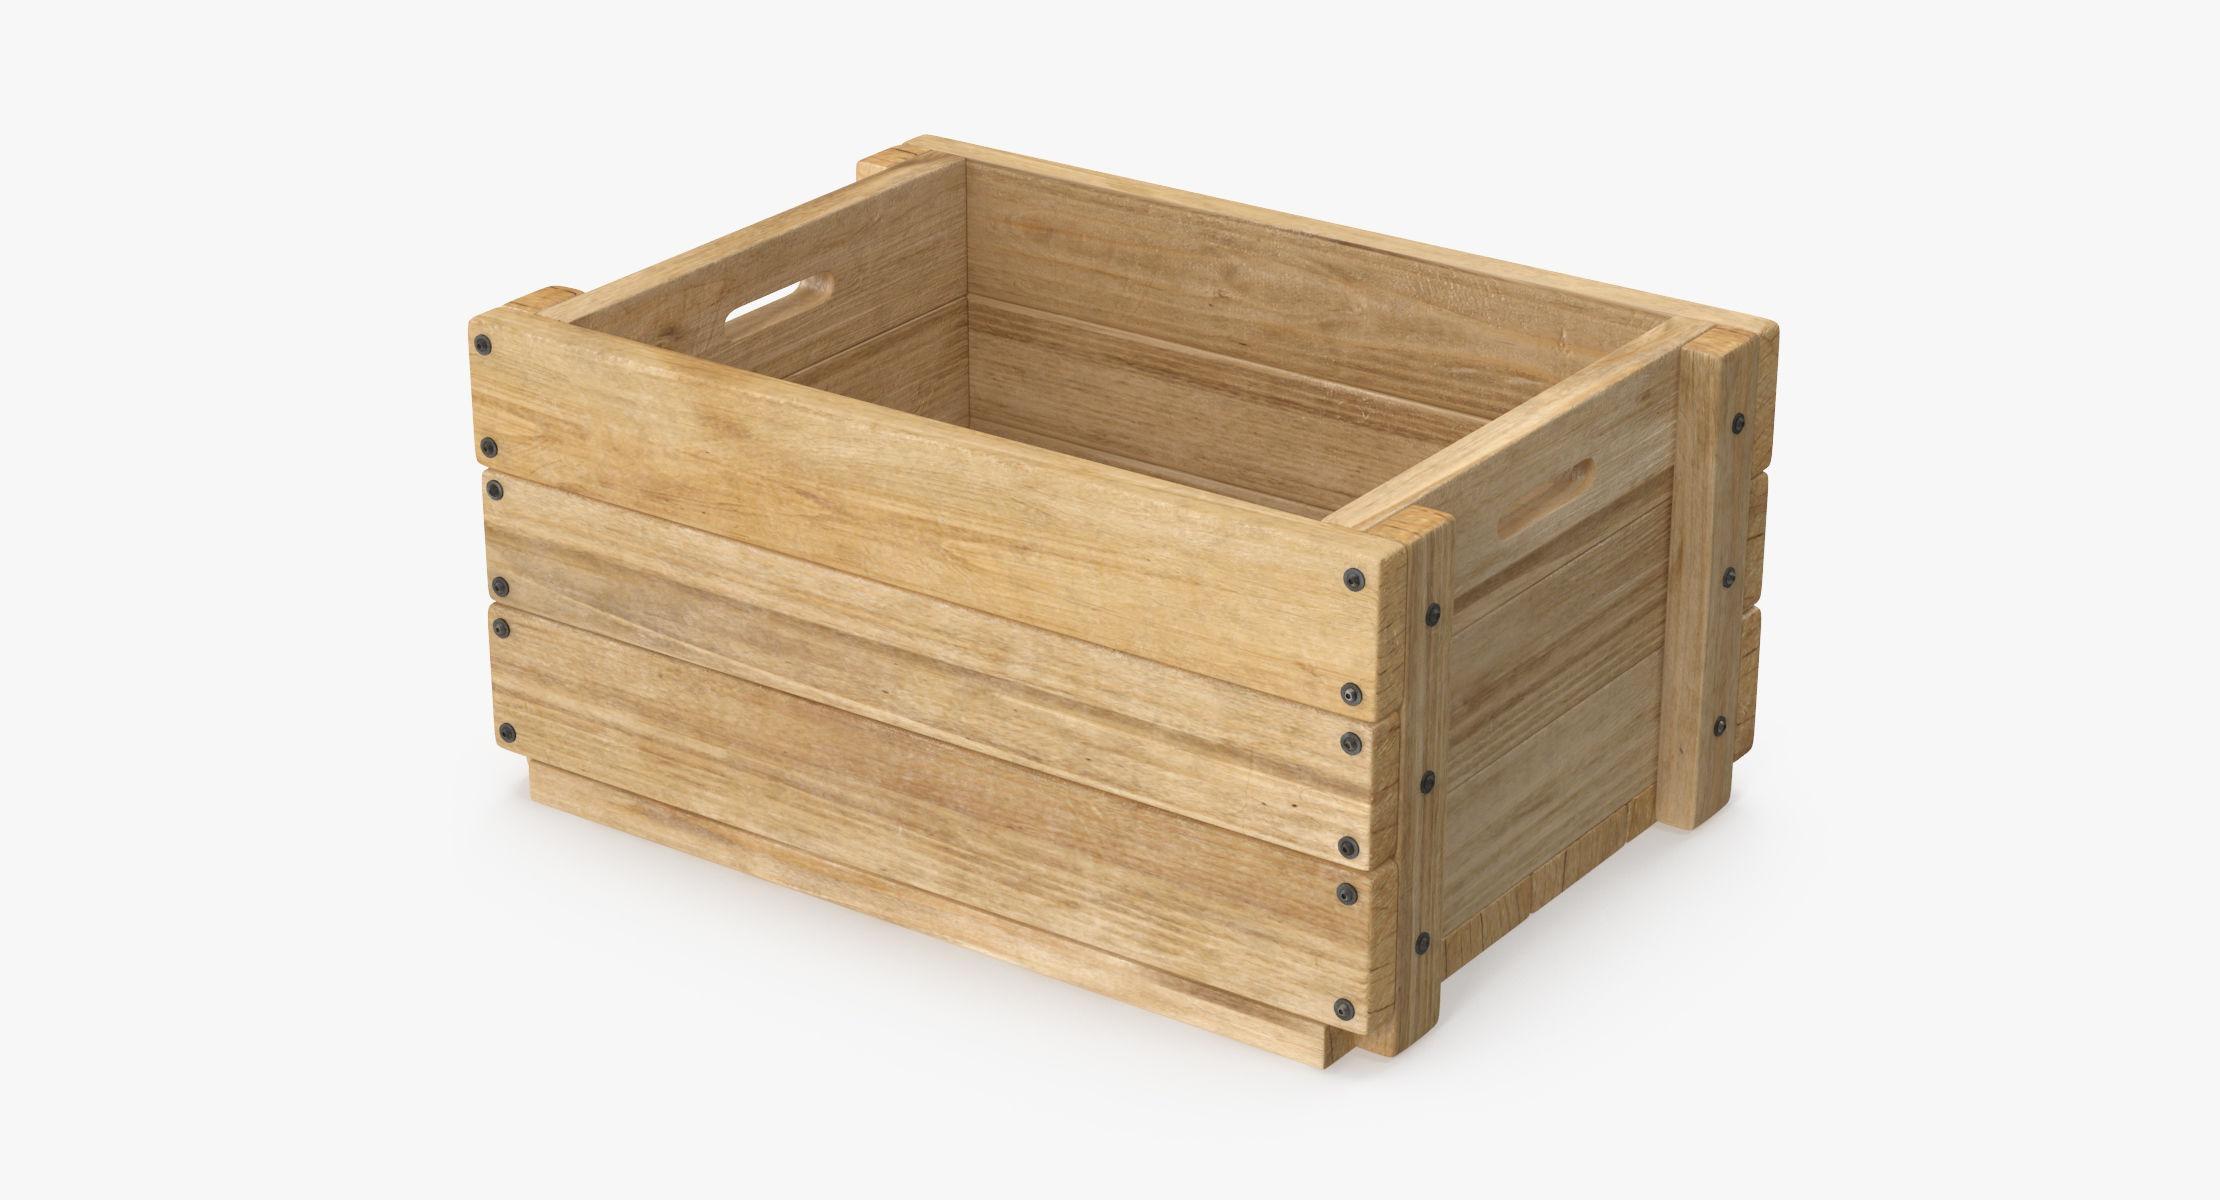 Wooden Fruit Crate - reel 1